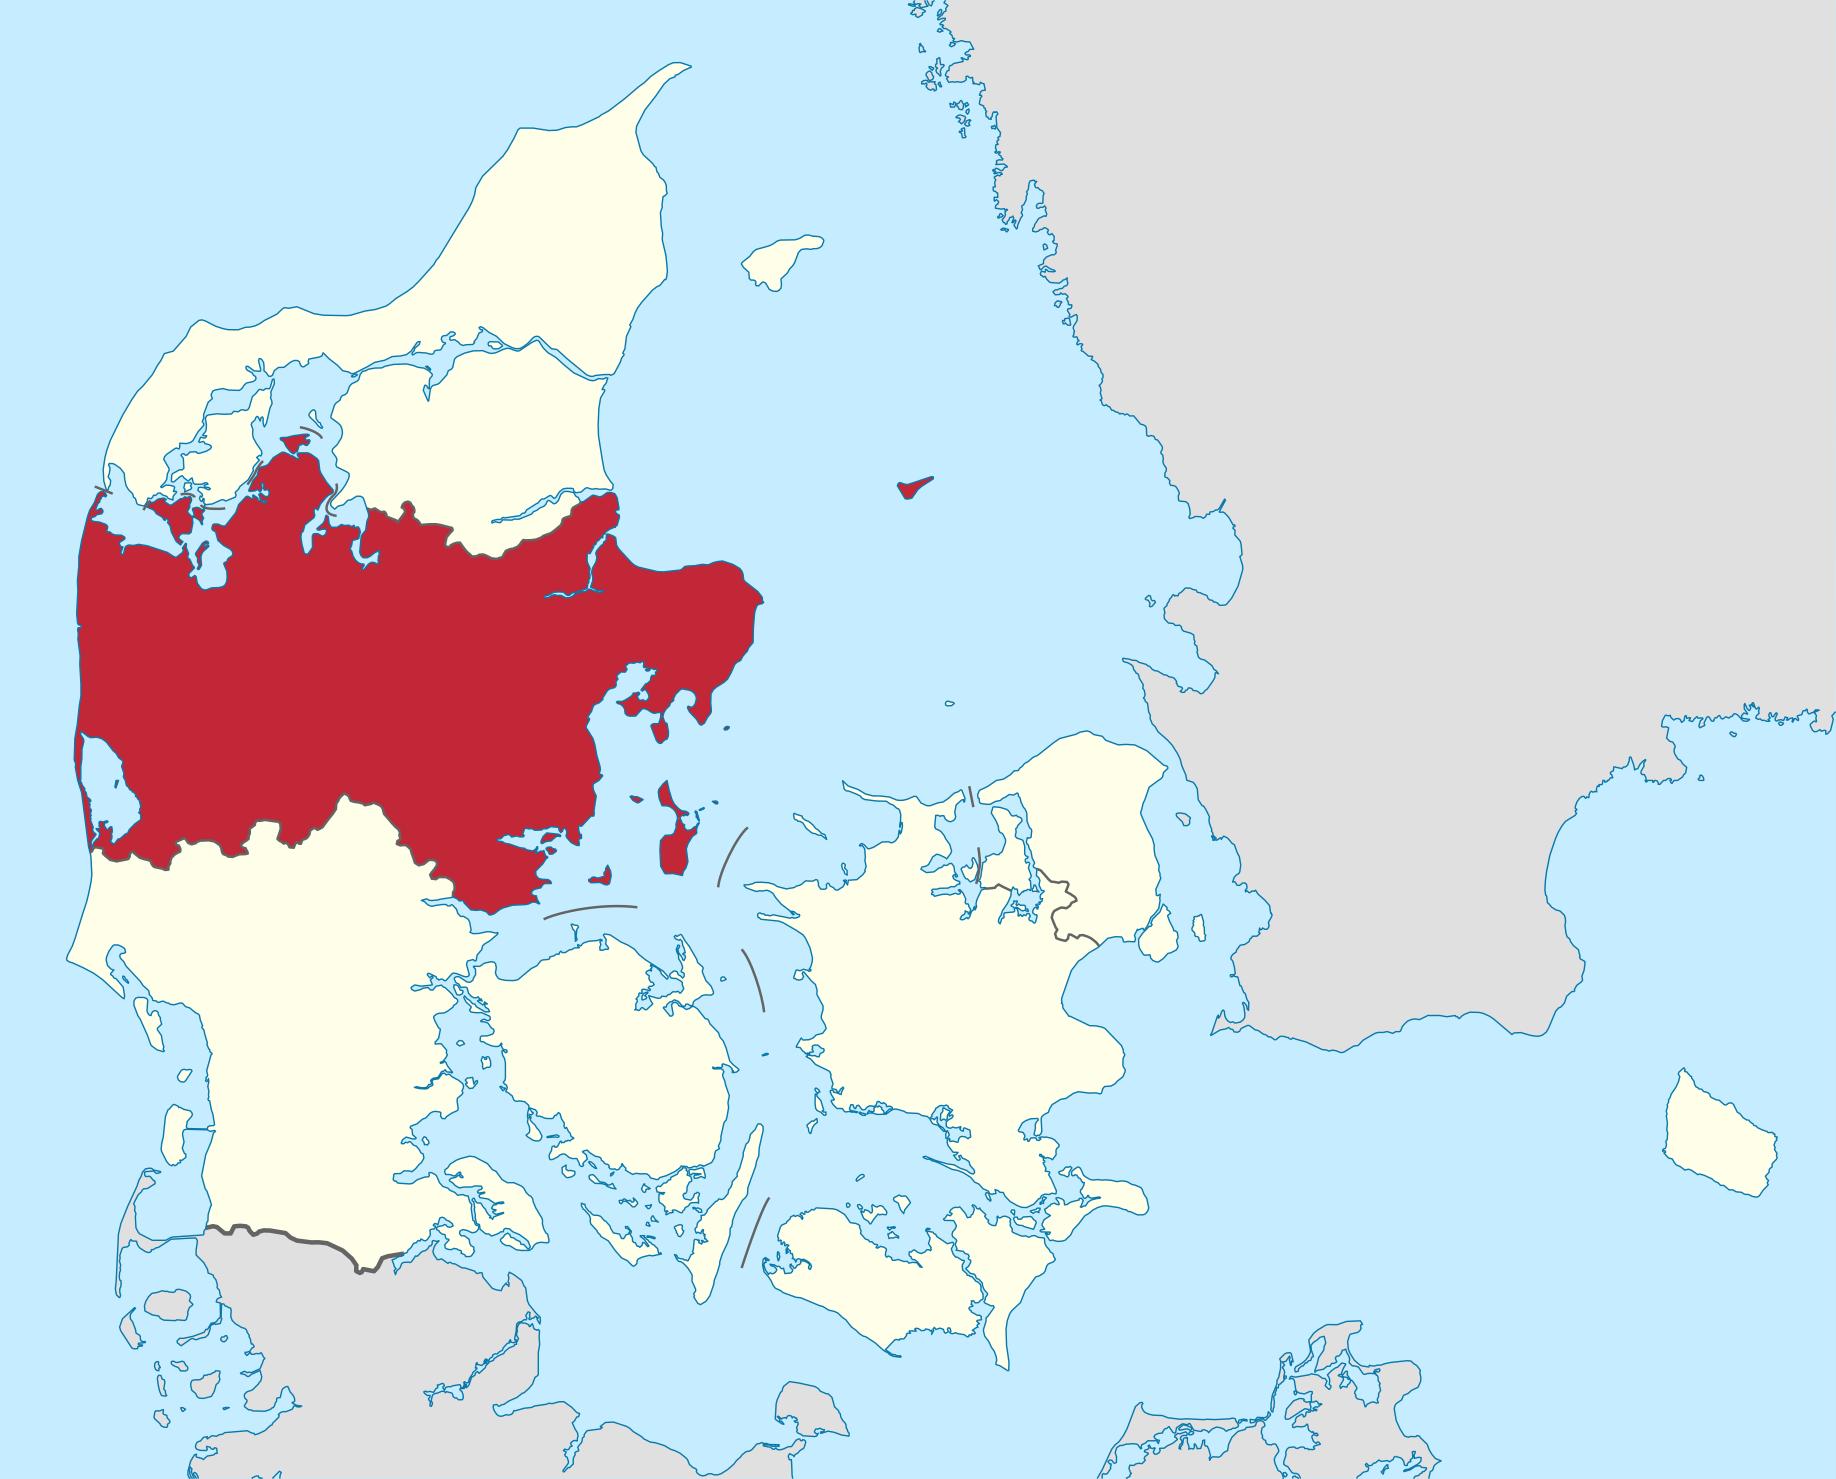 Af TUBS - Eget arbejdeVektorgrafikken blev lavet med Adobe Illustrator..This file was uploaded with Commonist.• based on File:Denmark location map.svg by NordNordWest, CC BY-SA 3.0, https://commons.wikimedia.org/w/index.php?curid=14339170